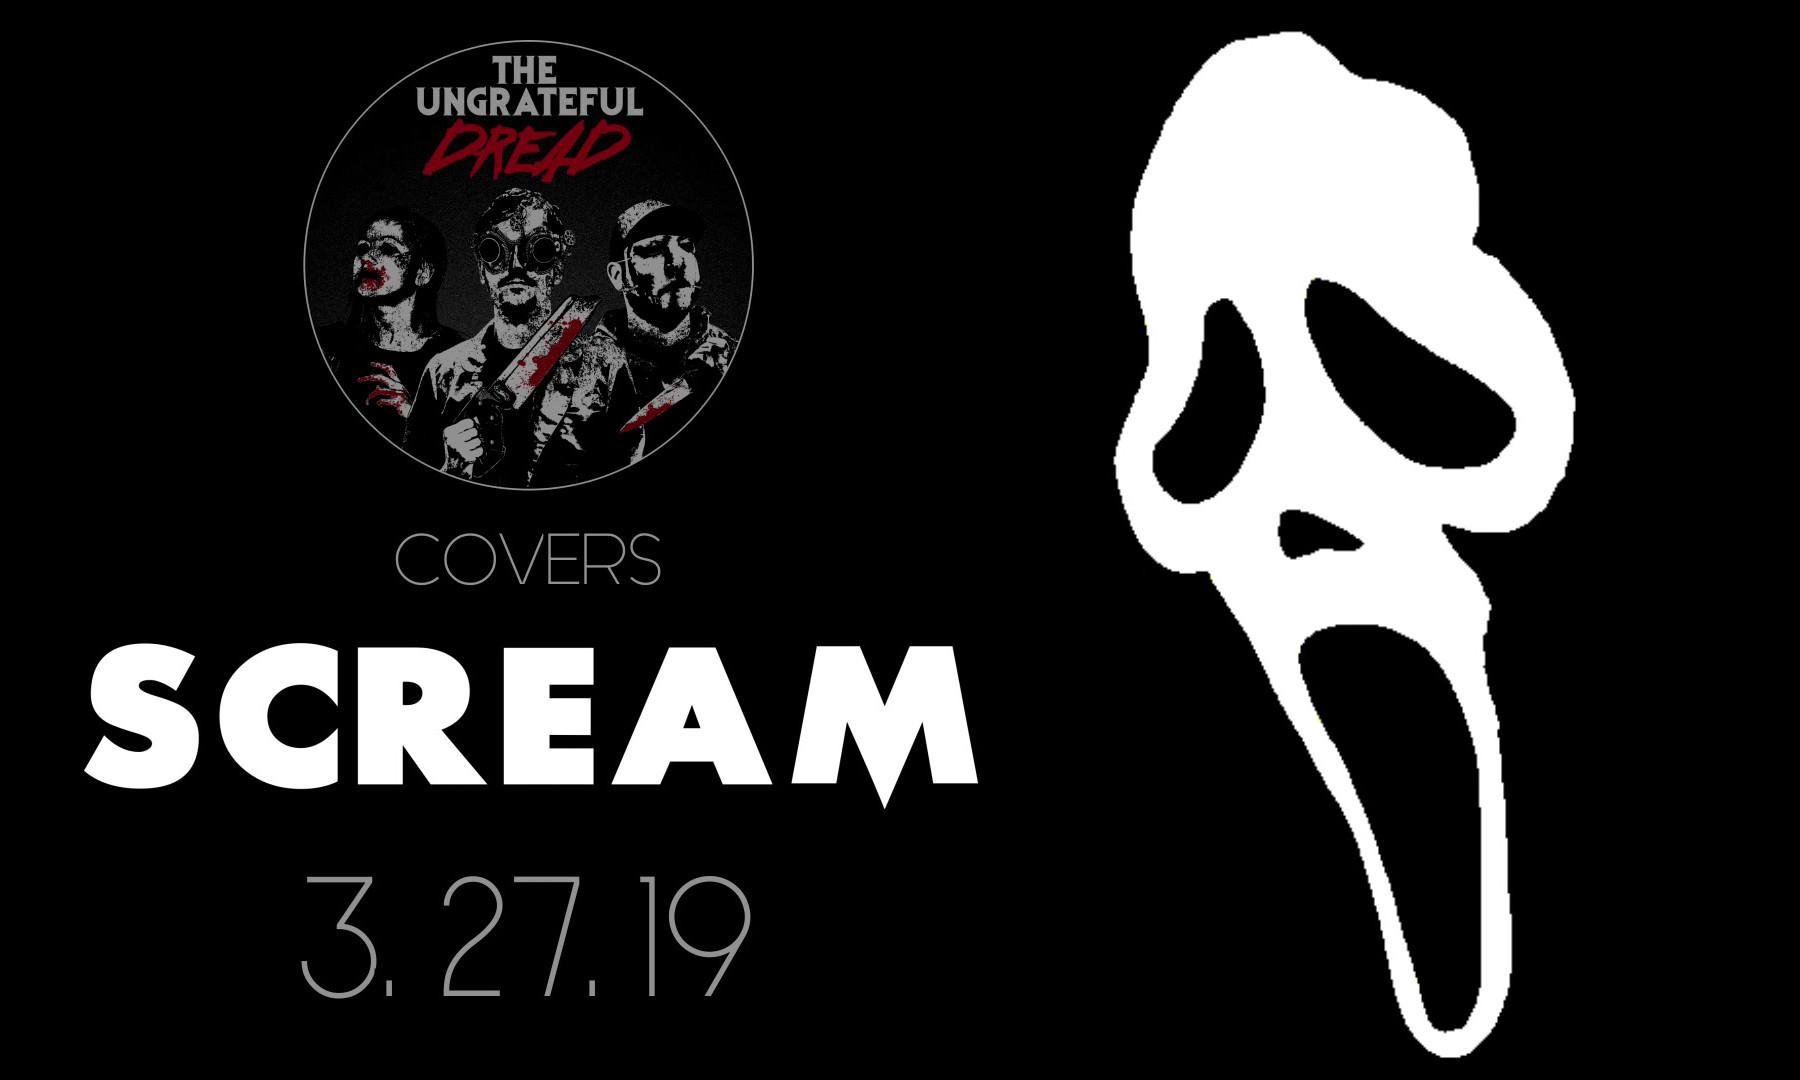 The Ungrateful Dread Scream Promo